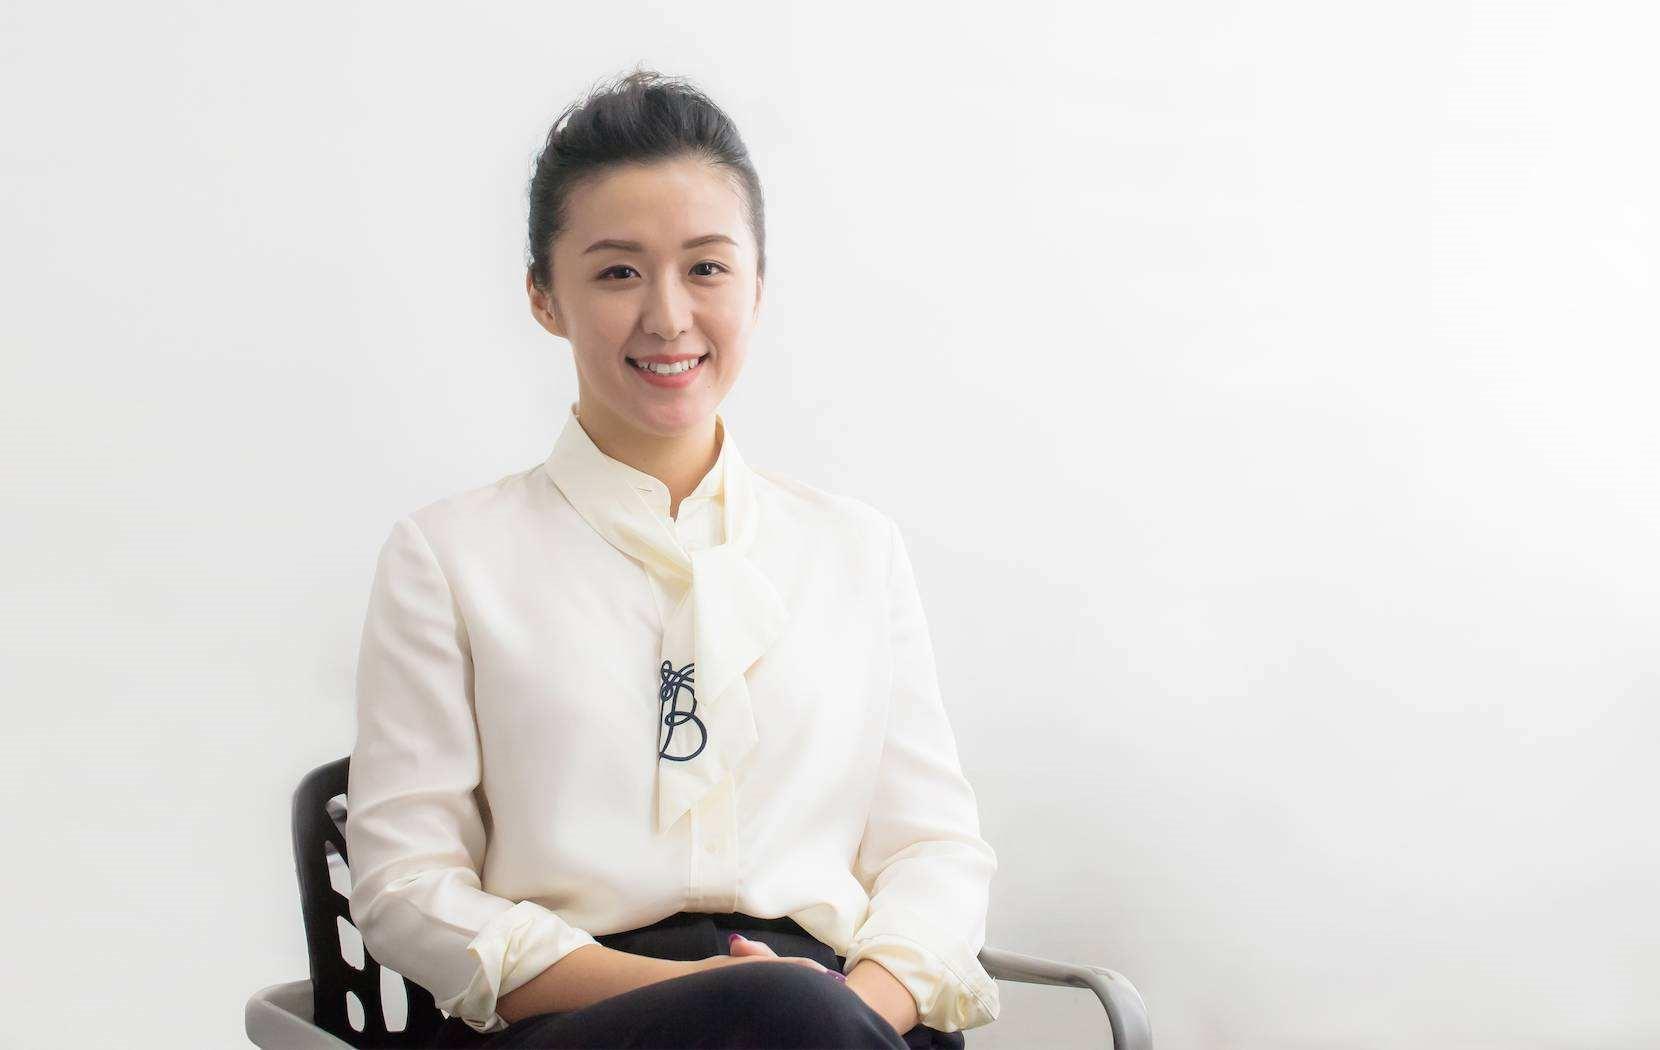 秦雯,1982年11月出生于上海,2001年获第三届全国新概念作文大赛一等奖,同年考入中央戏剧学院戏剧文学系。2018年5月24日,倚赖都市心情剧《吾的前半生》获得第24届上海电视节白玉兰奖最佳编剧。